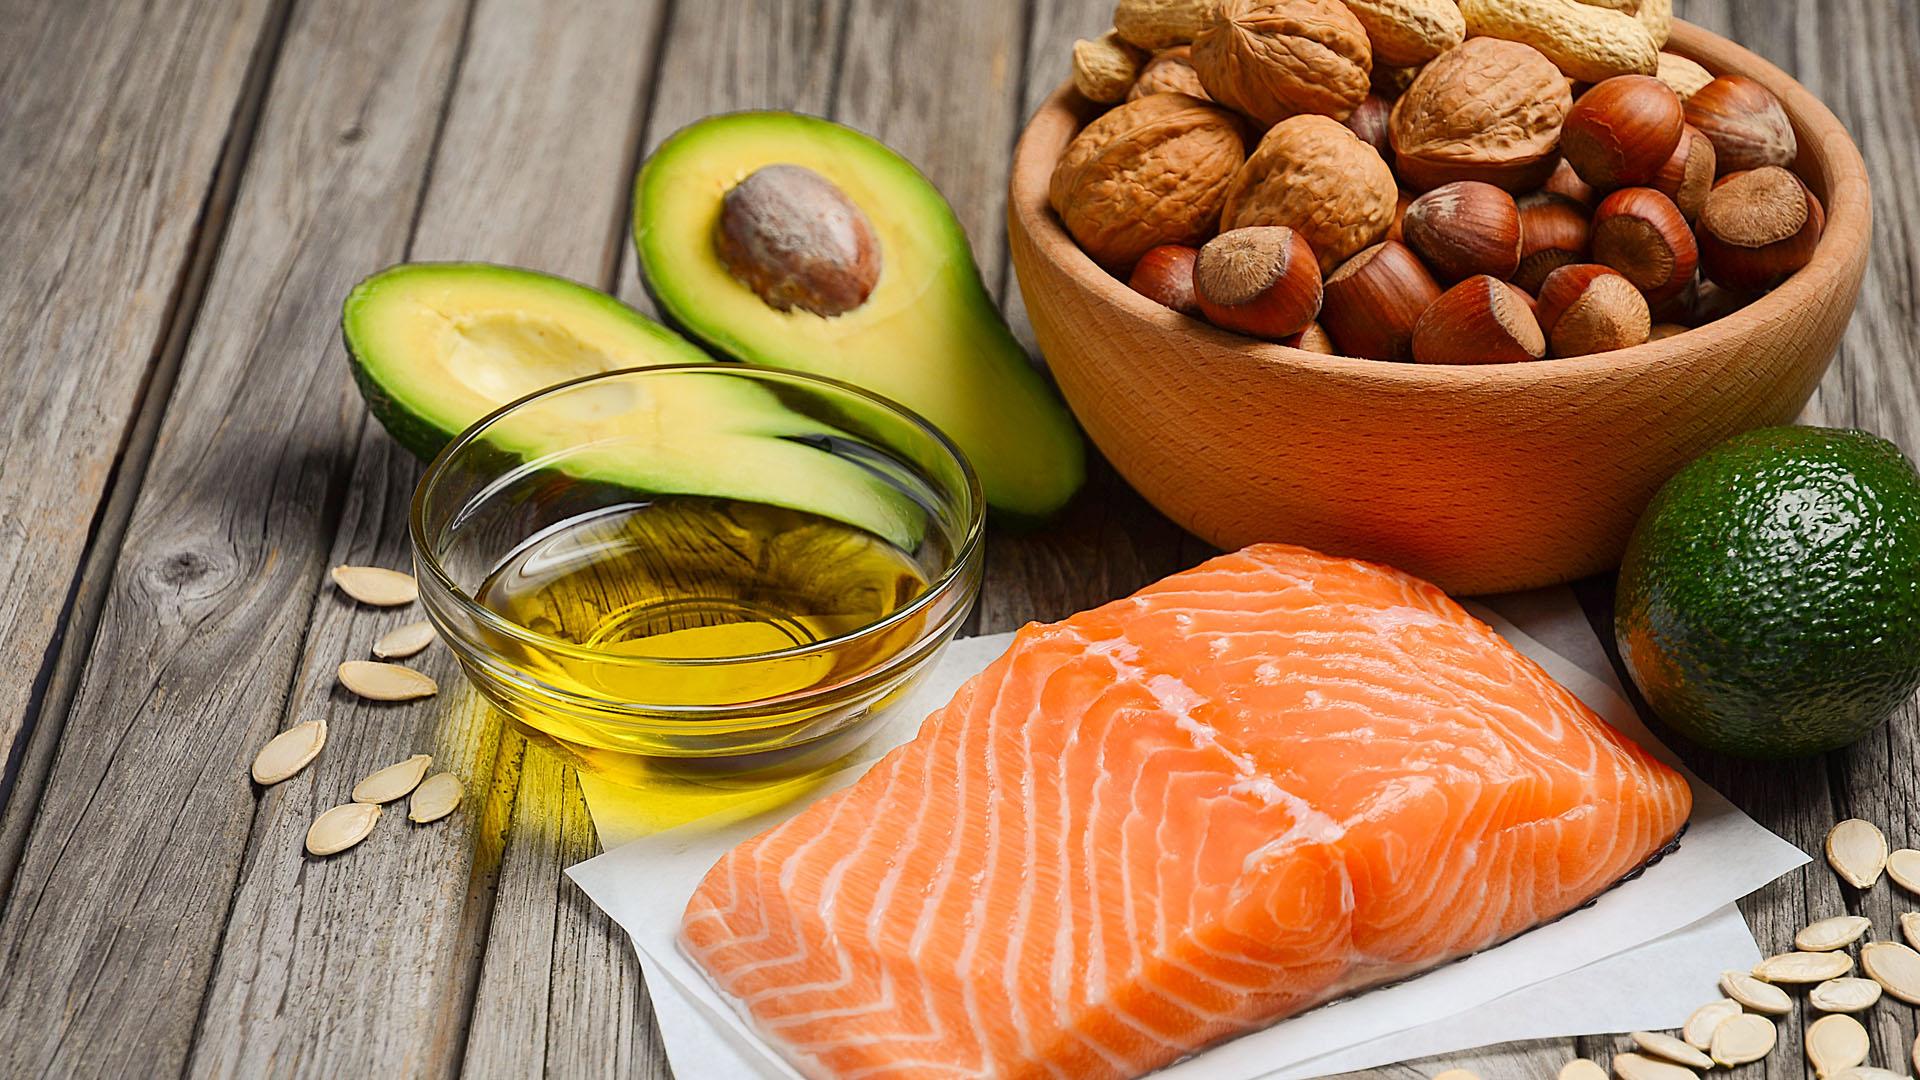 Plusieurs sources de bons gras, comme du saumon, des noix, des graines, des avocats et de l'huile d'olive.